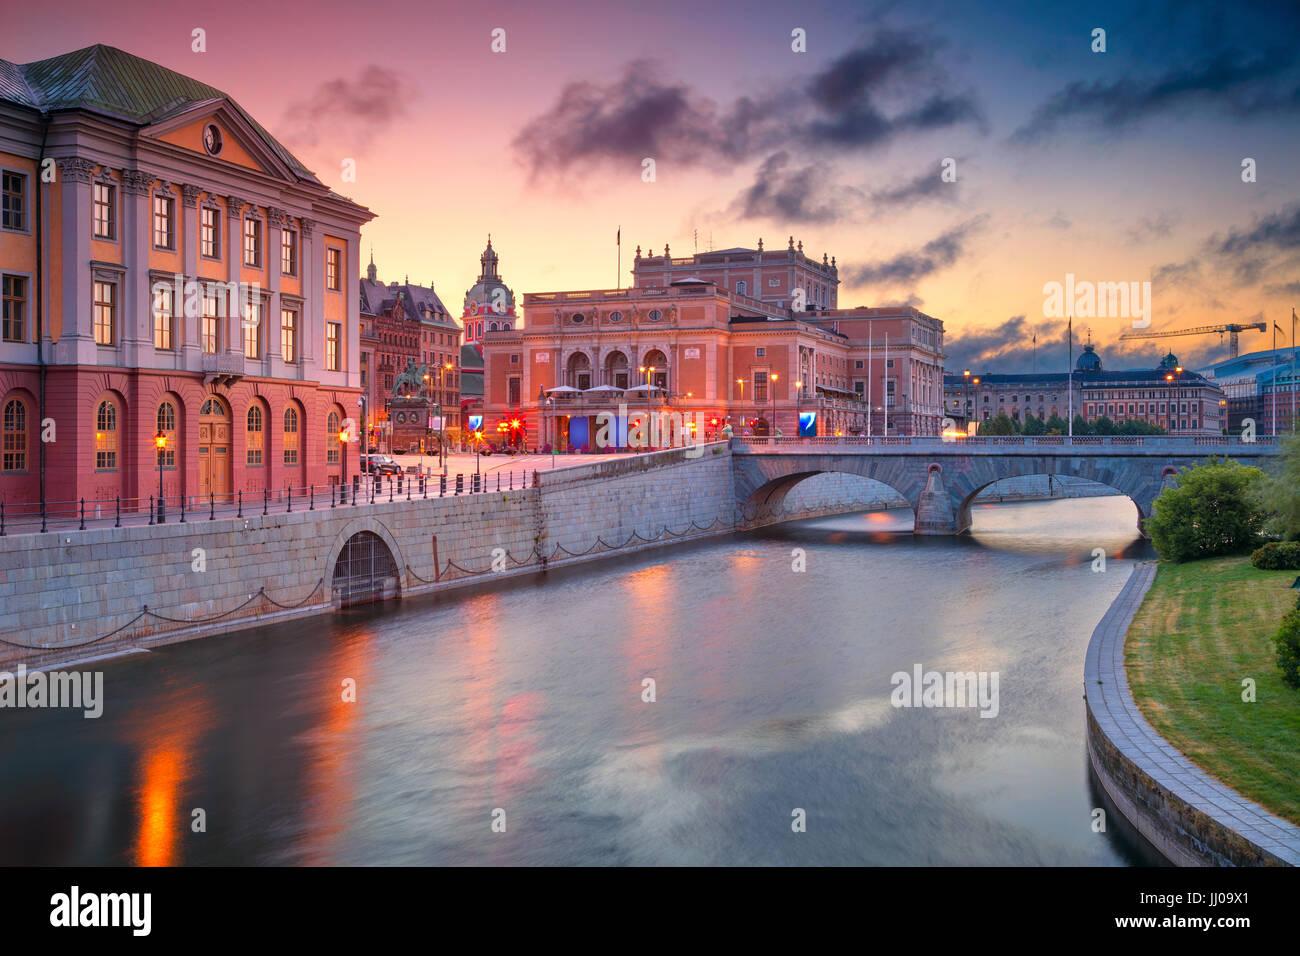 Stockholm. Image de la vieille ville de Stockholm, la Suède pendant le lever du soleil. Photo Stock